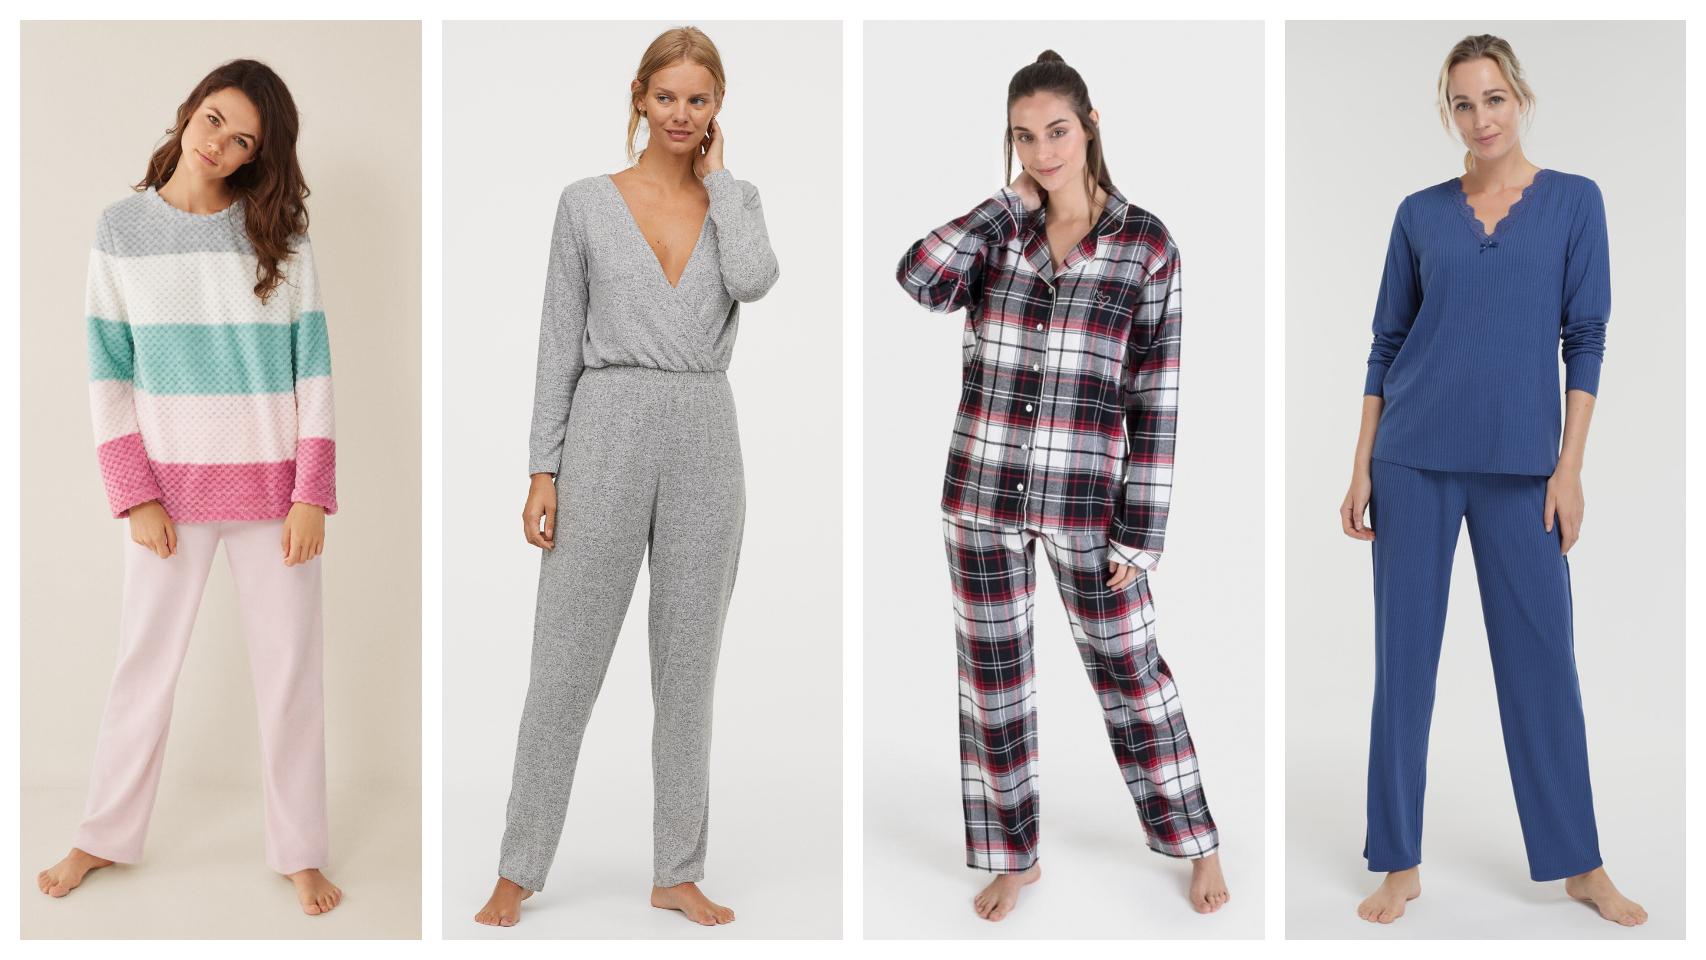 Gana dinero con el negocio de pijamas